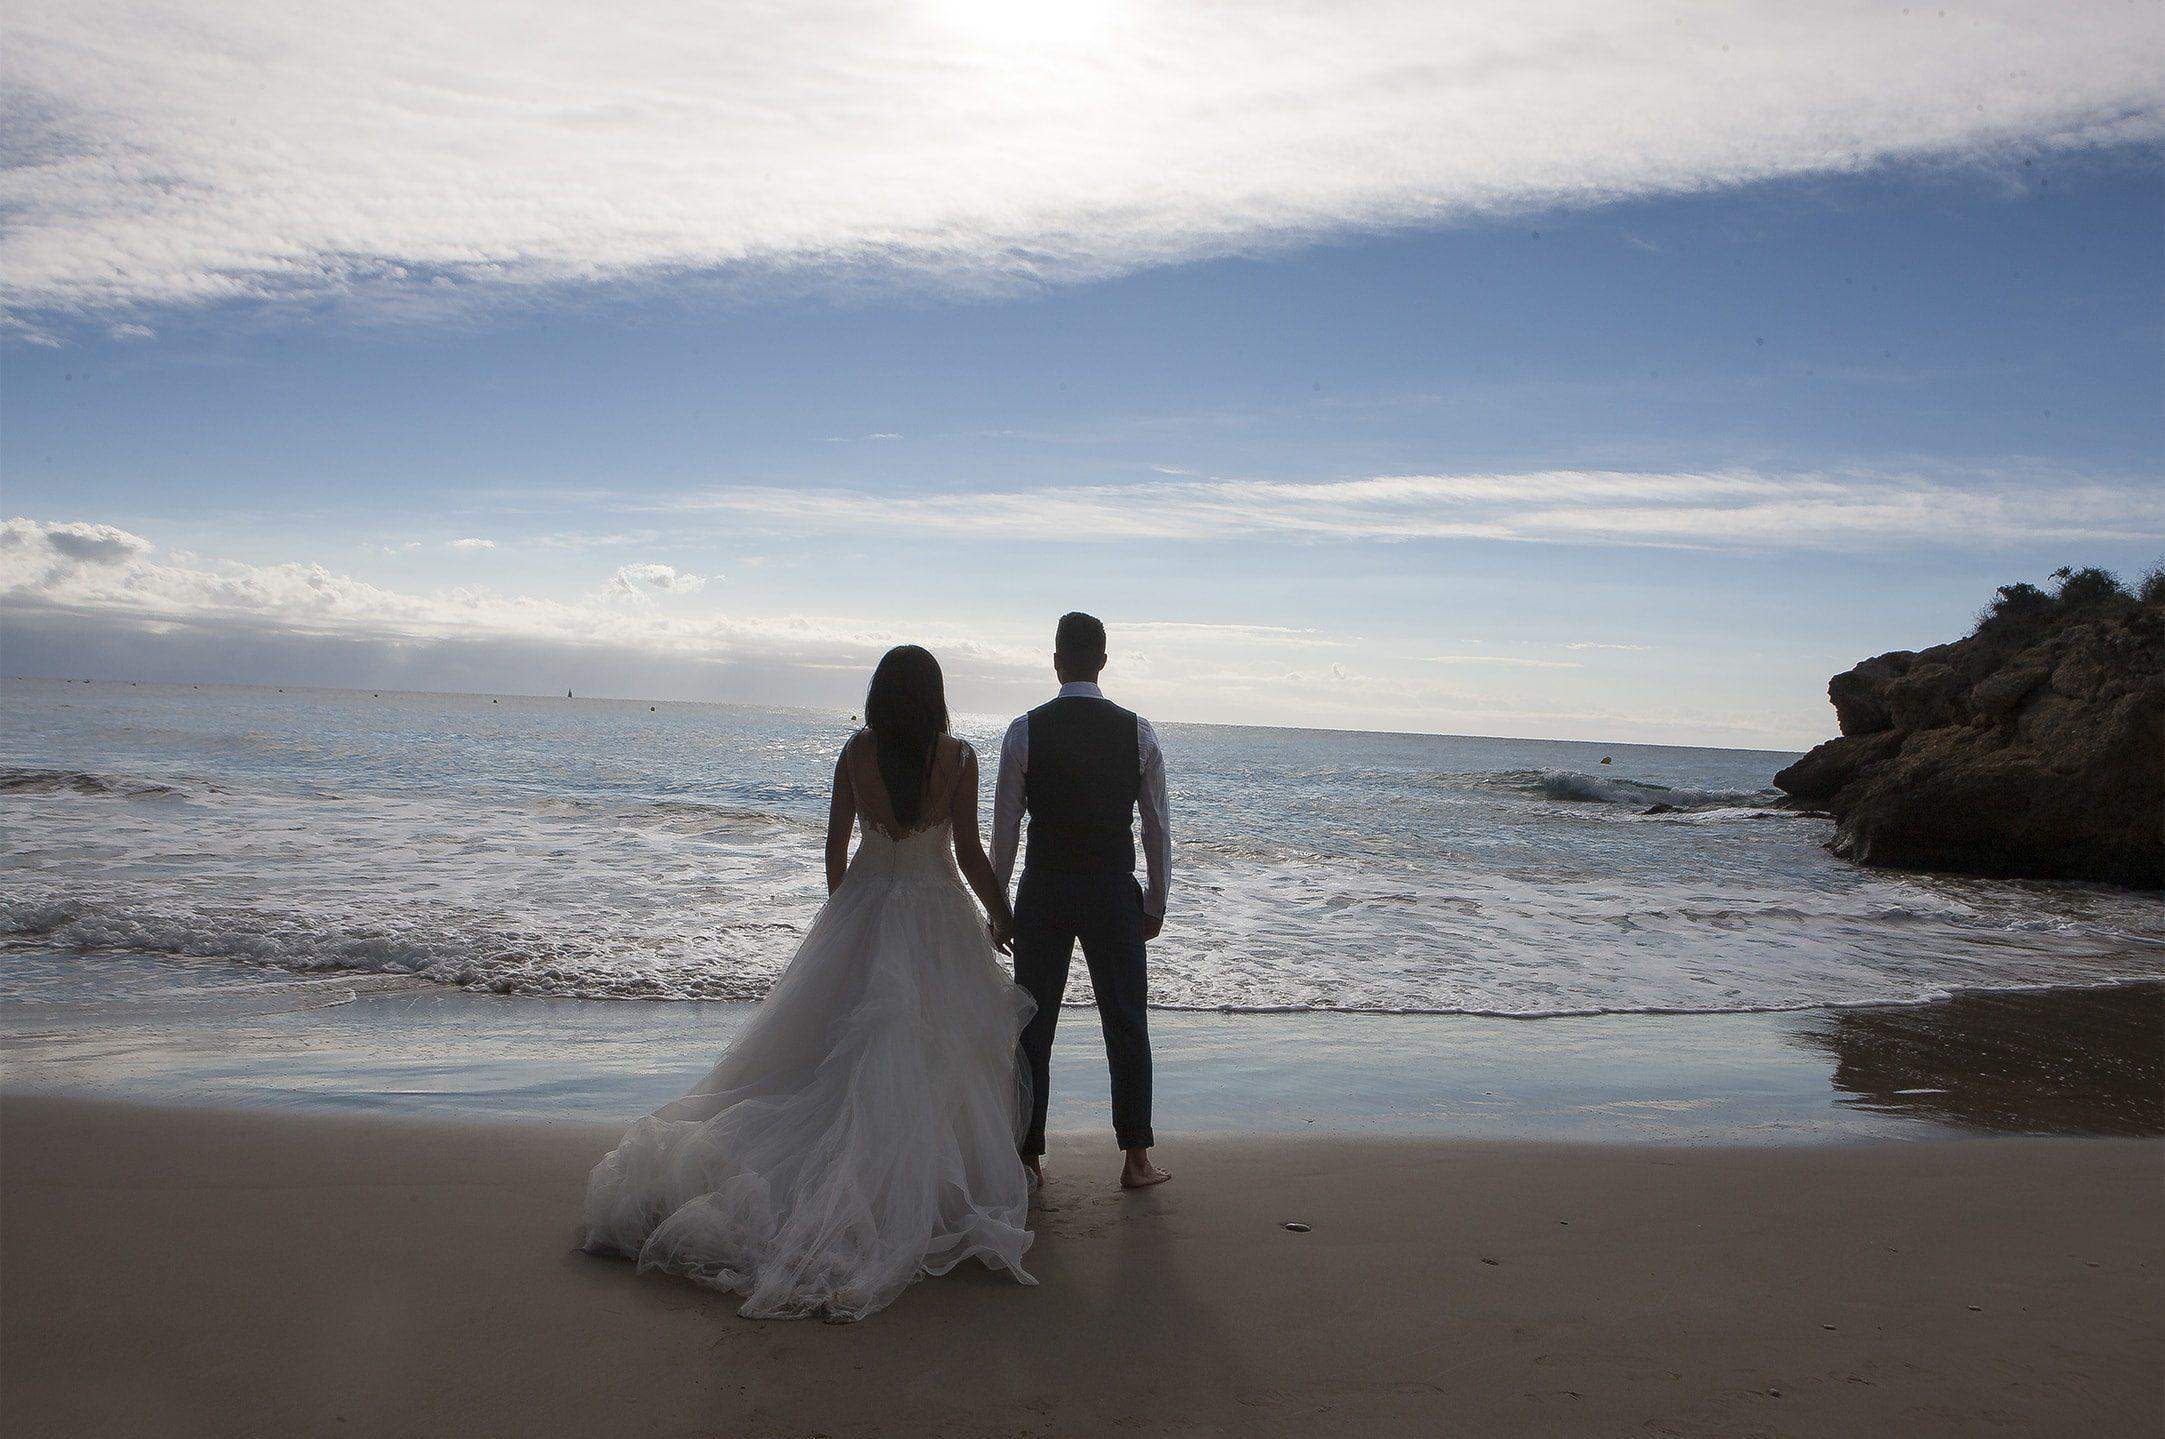 Fotografia boda barcelona - Fotografía bodas